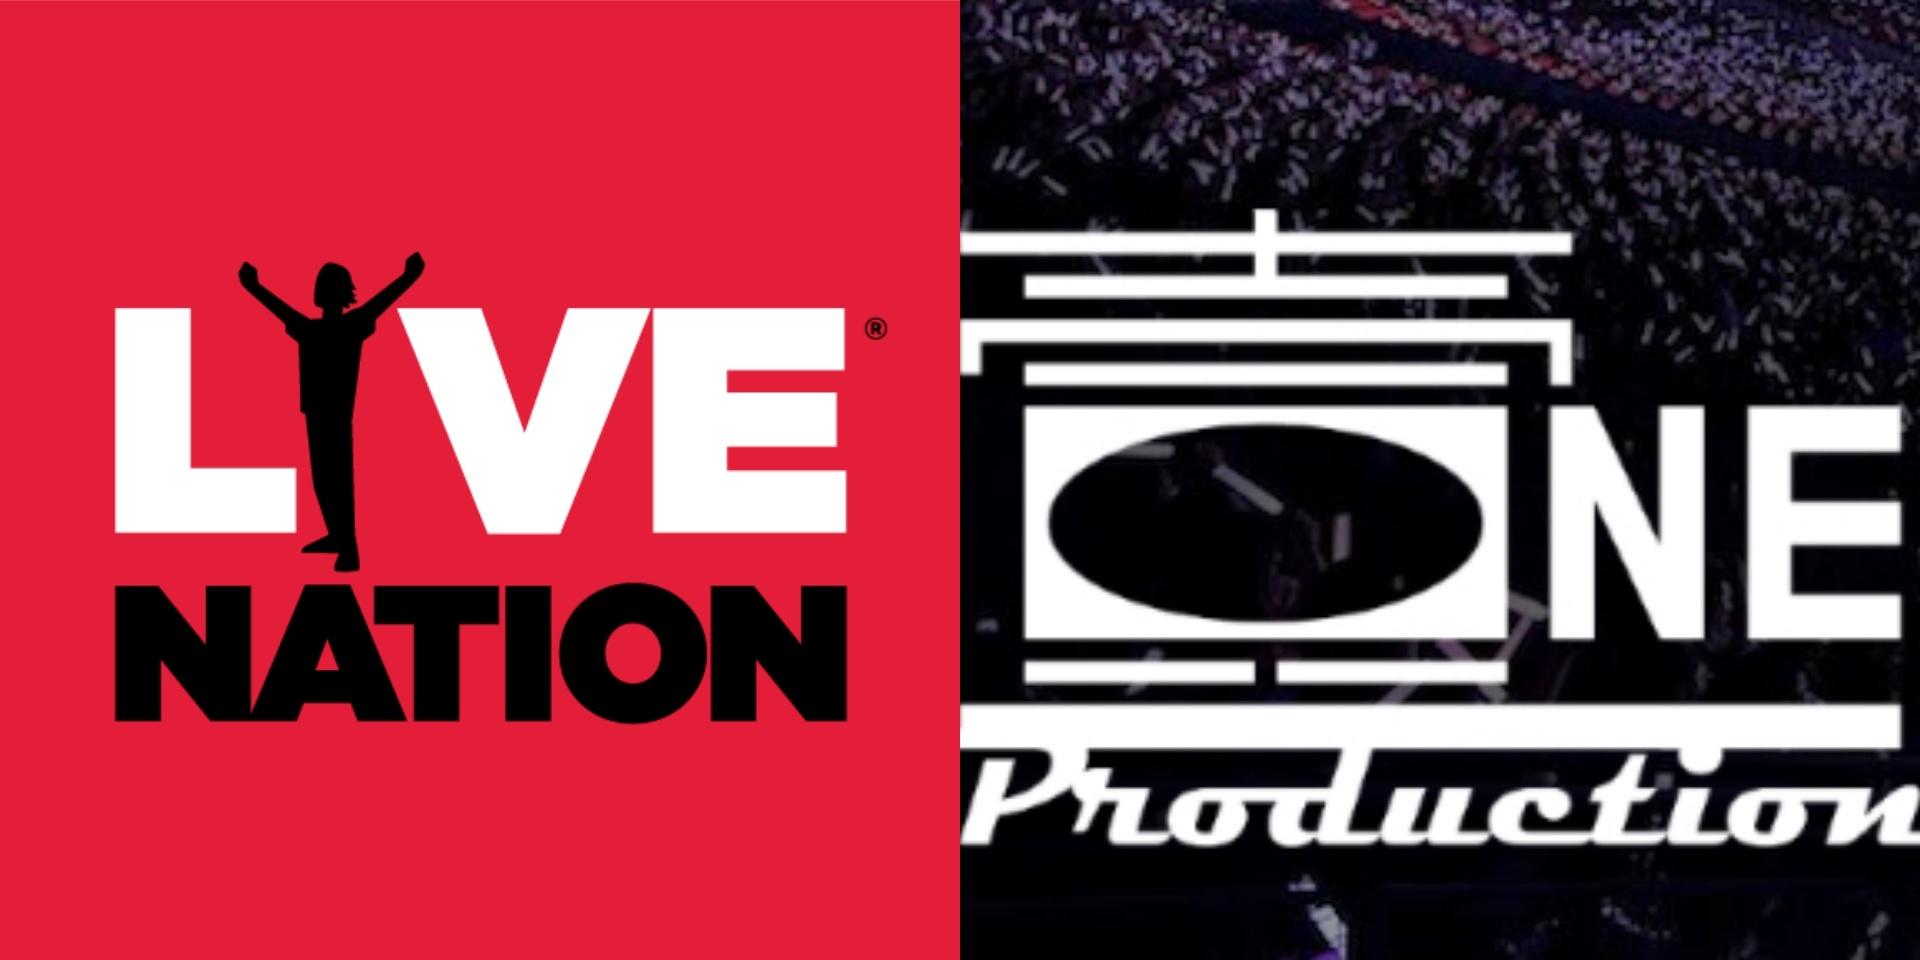 Live Nation announces One Production acquisition